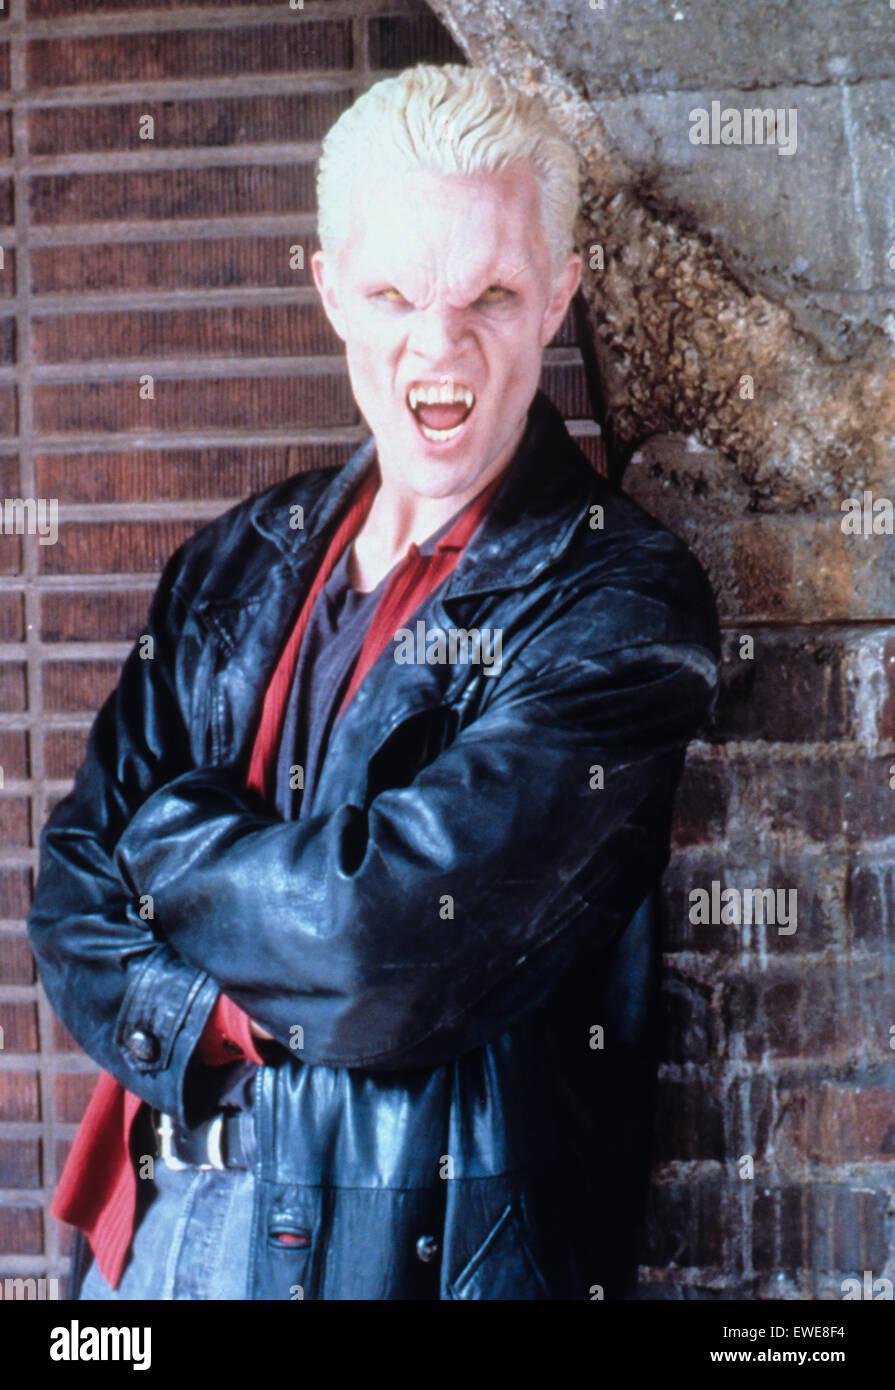 Buffy the Vampire Slayer Photo Stock